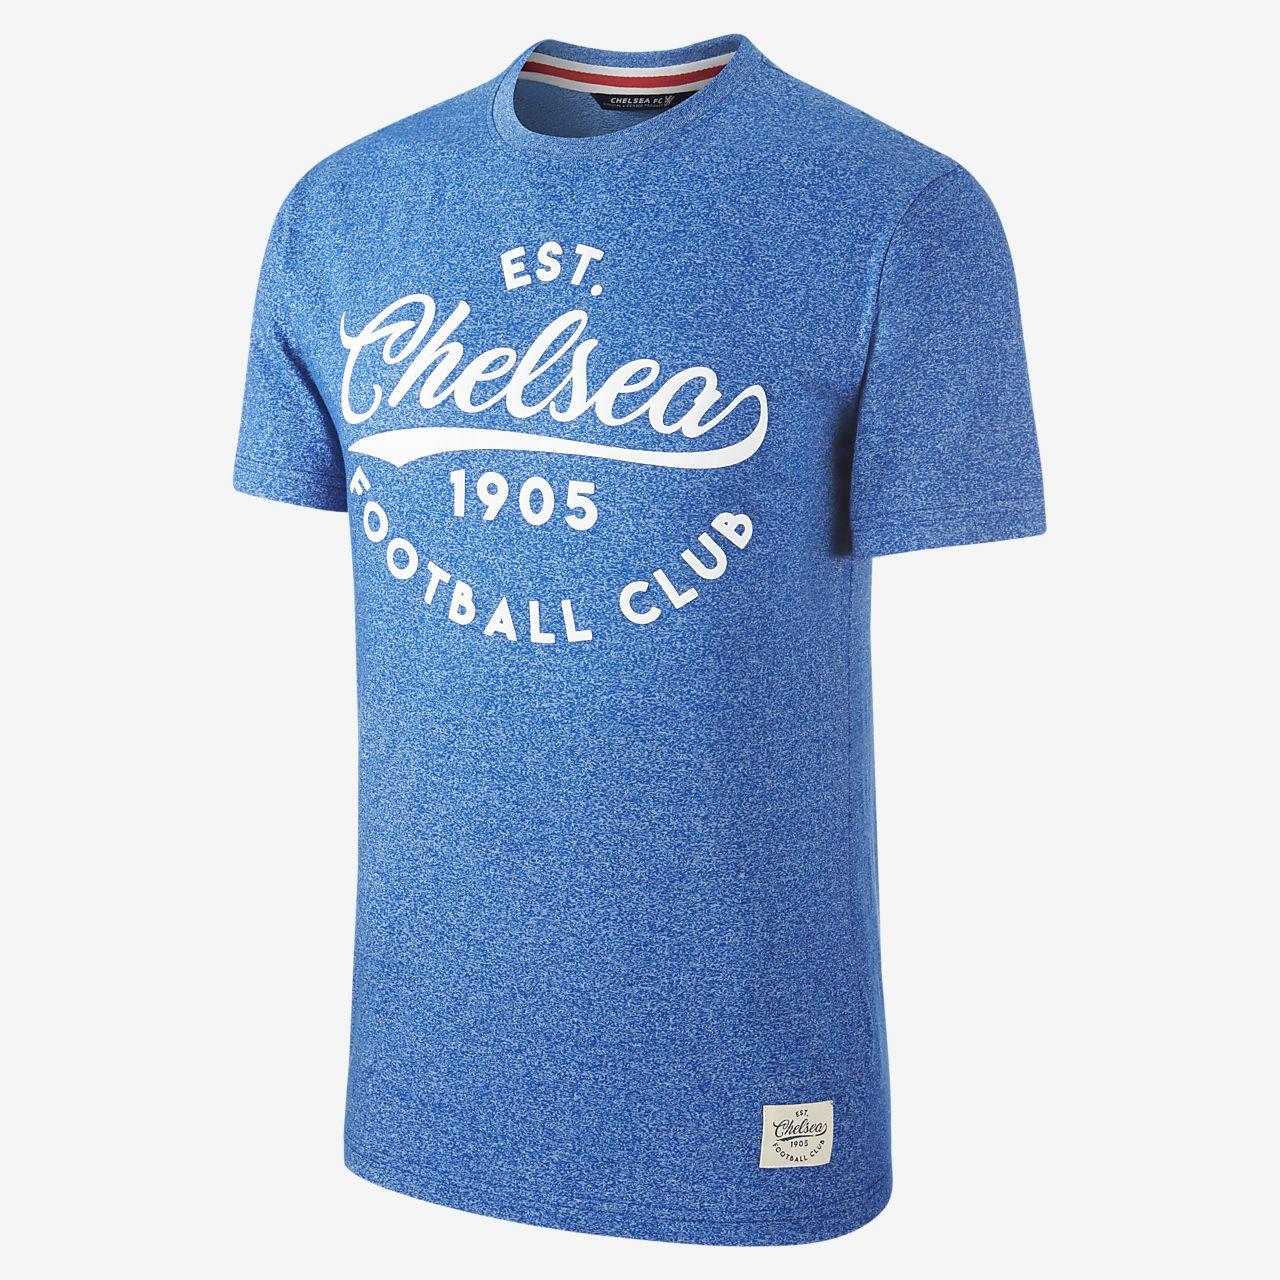 T shirt męski z wypukłym logo Chelsea FC Heritage